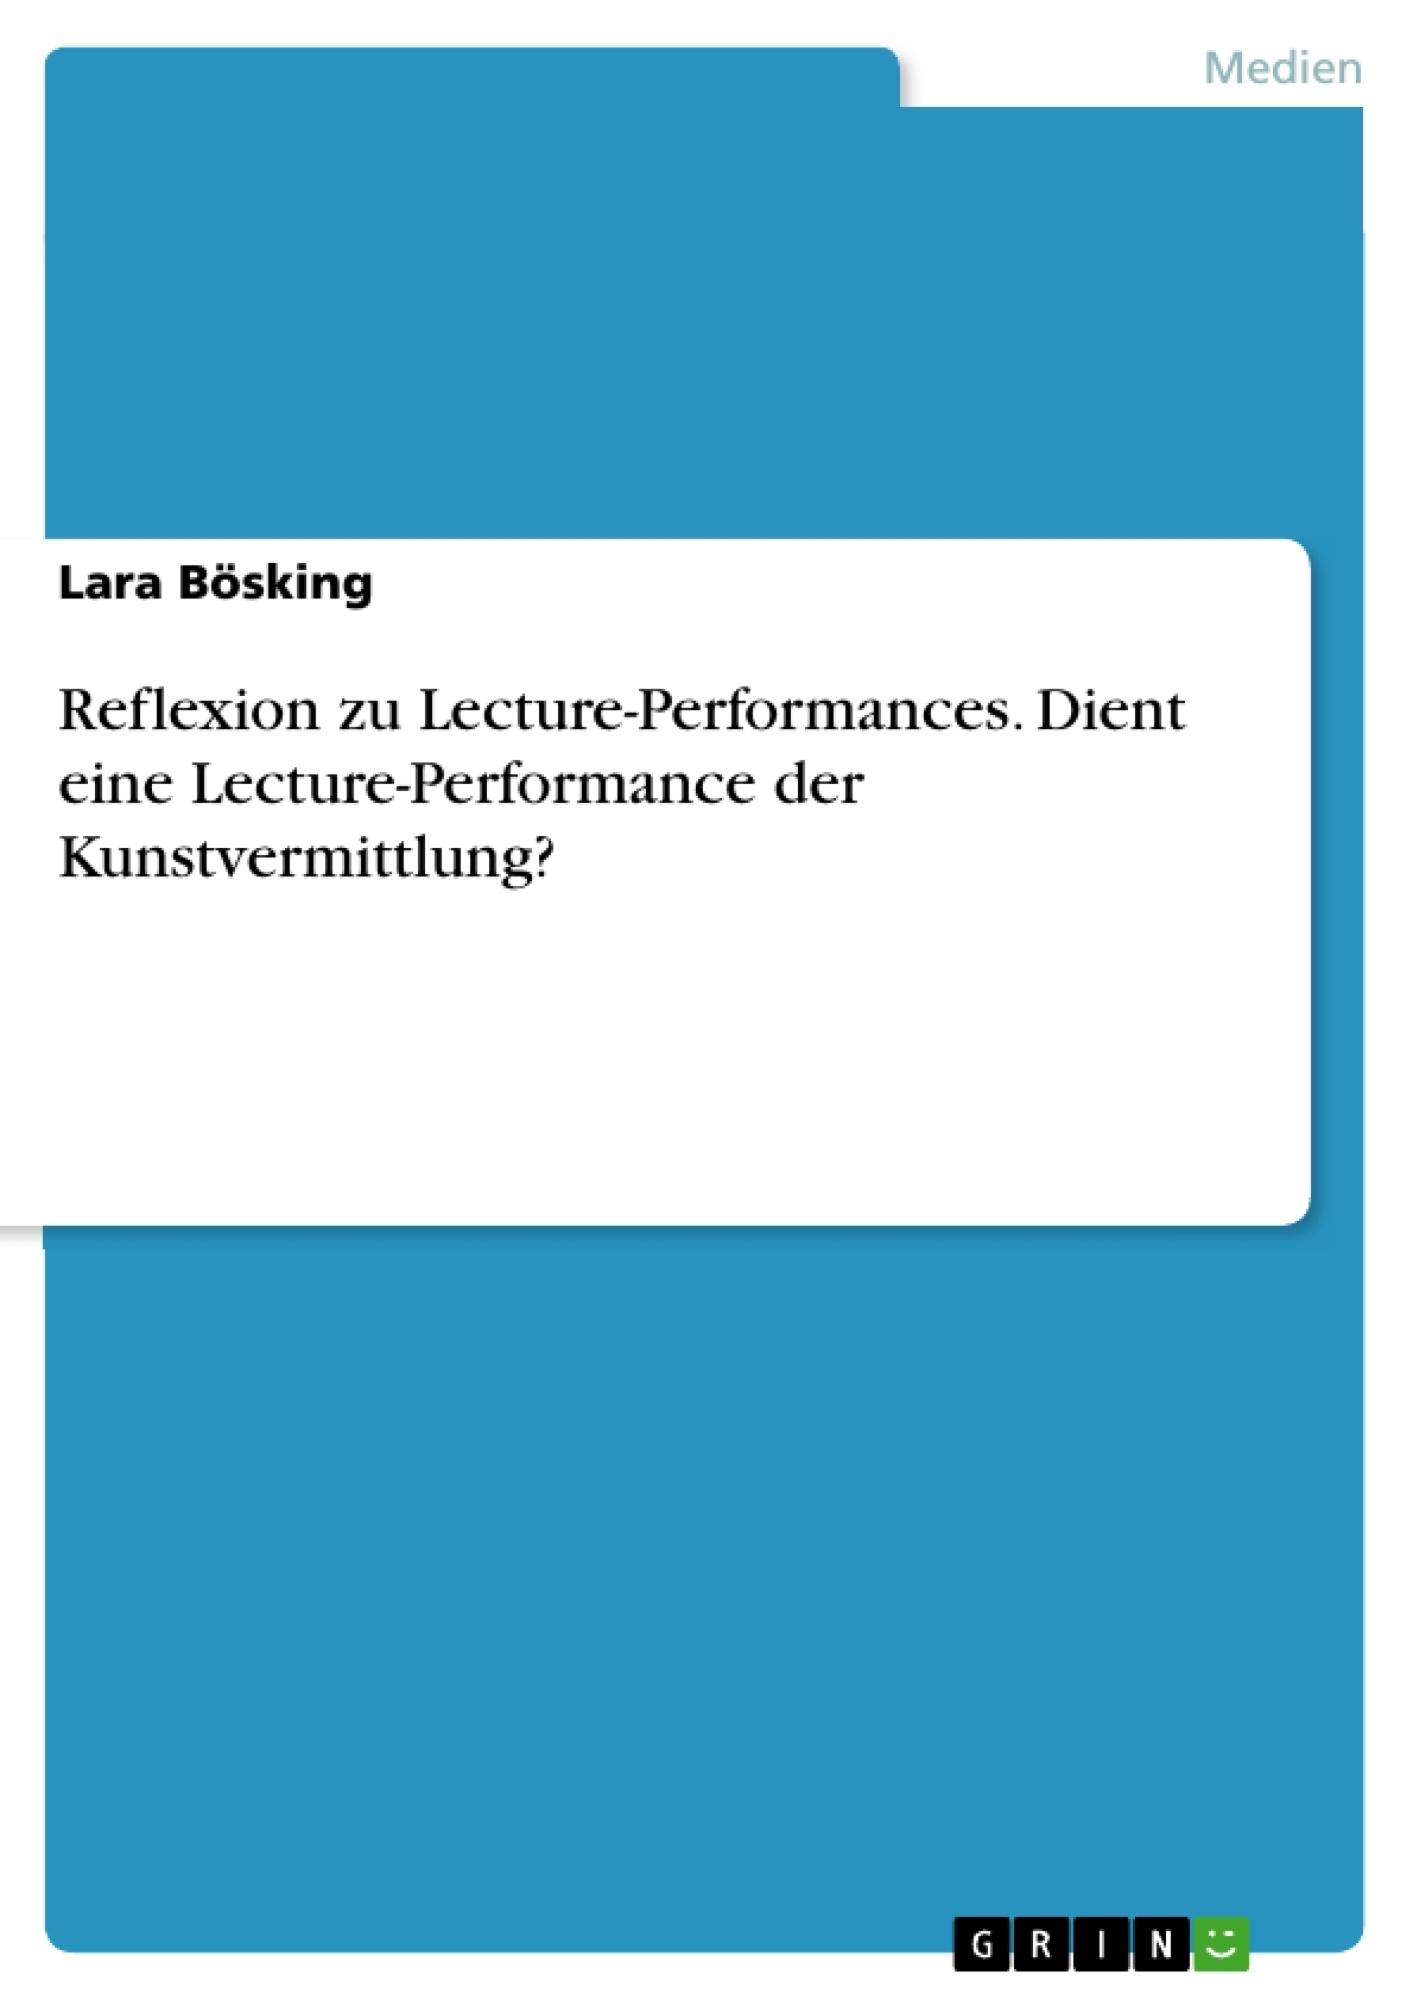 Titel: Reflexion zu Lecture-Performances. Dient eine Lecture-Performance der Kunstvermittlung?